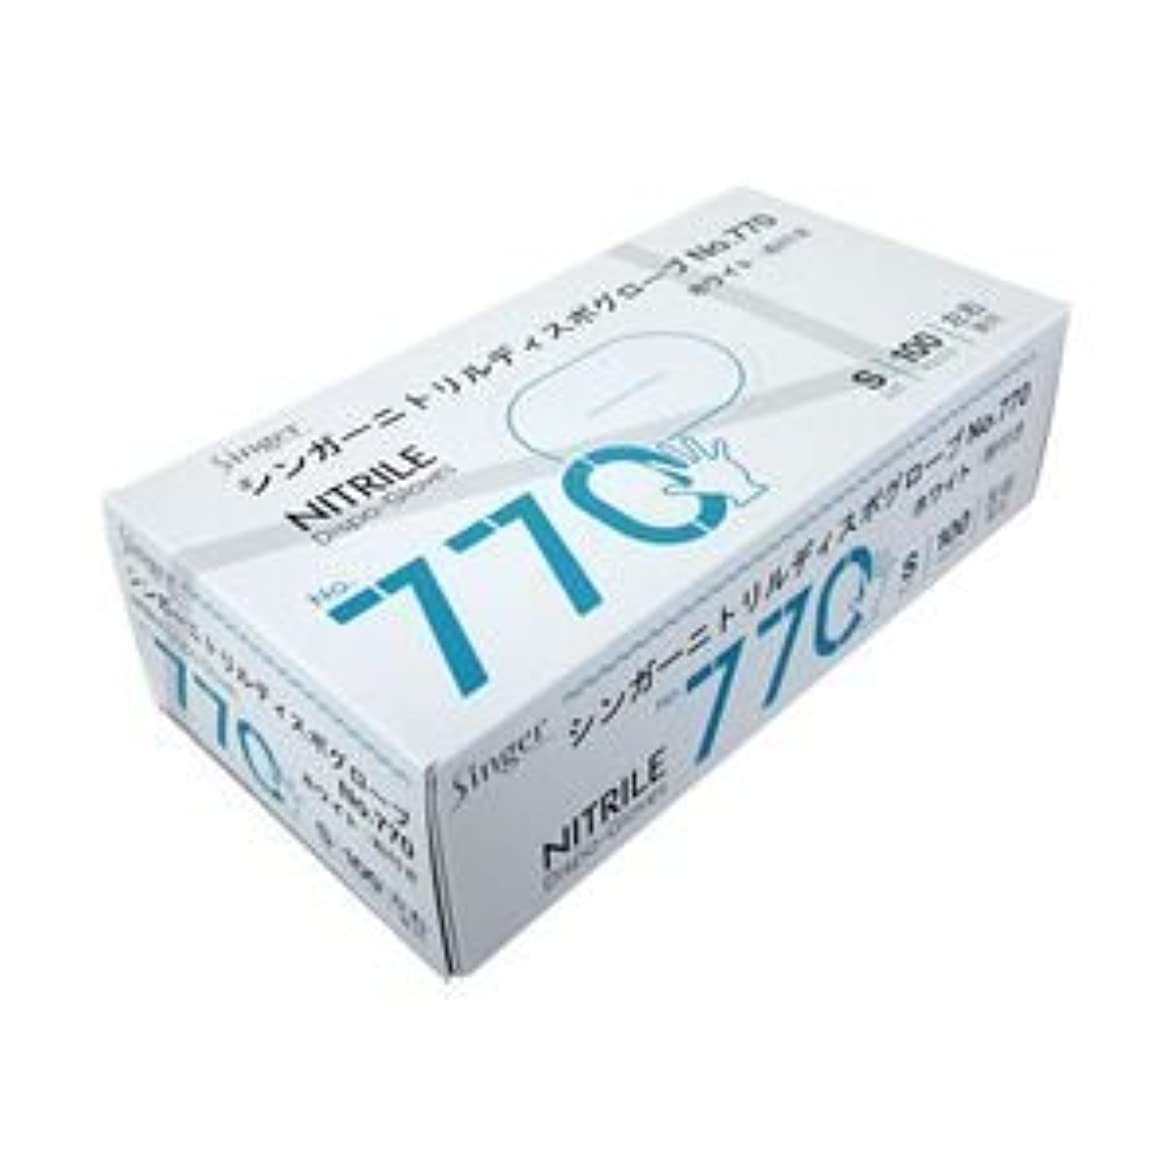 マッサージマントル外交問題宇都宮製作 ニトリル手袋770 粉付き S 1箱(100枚) ×5セット